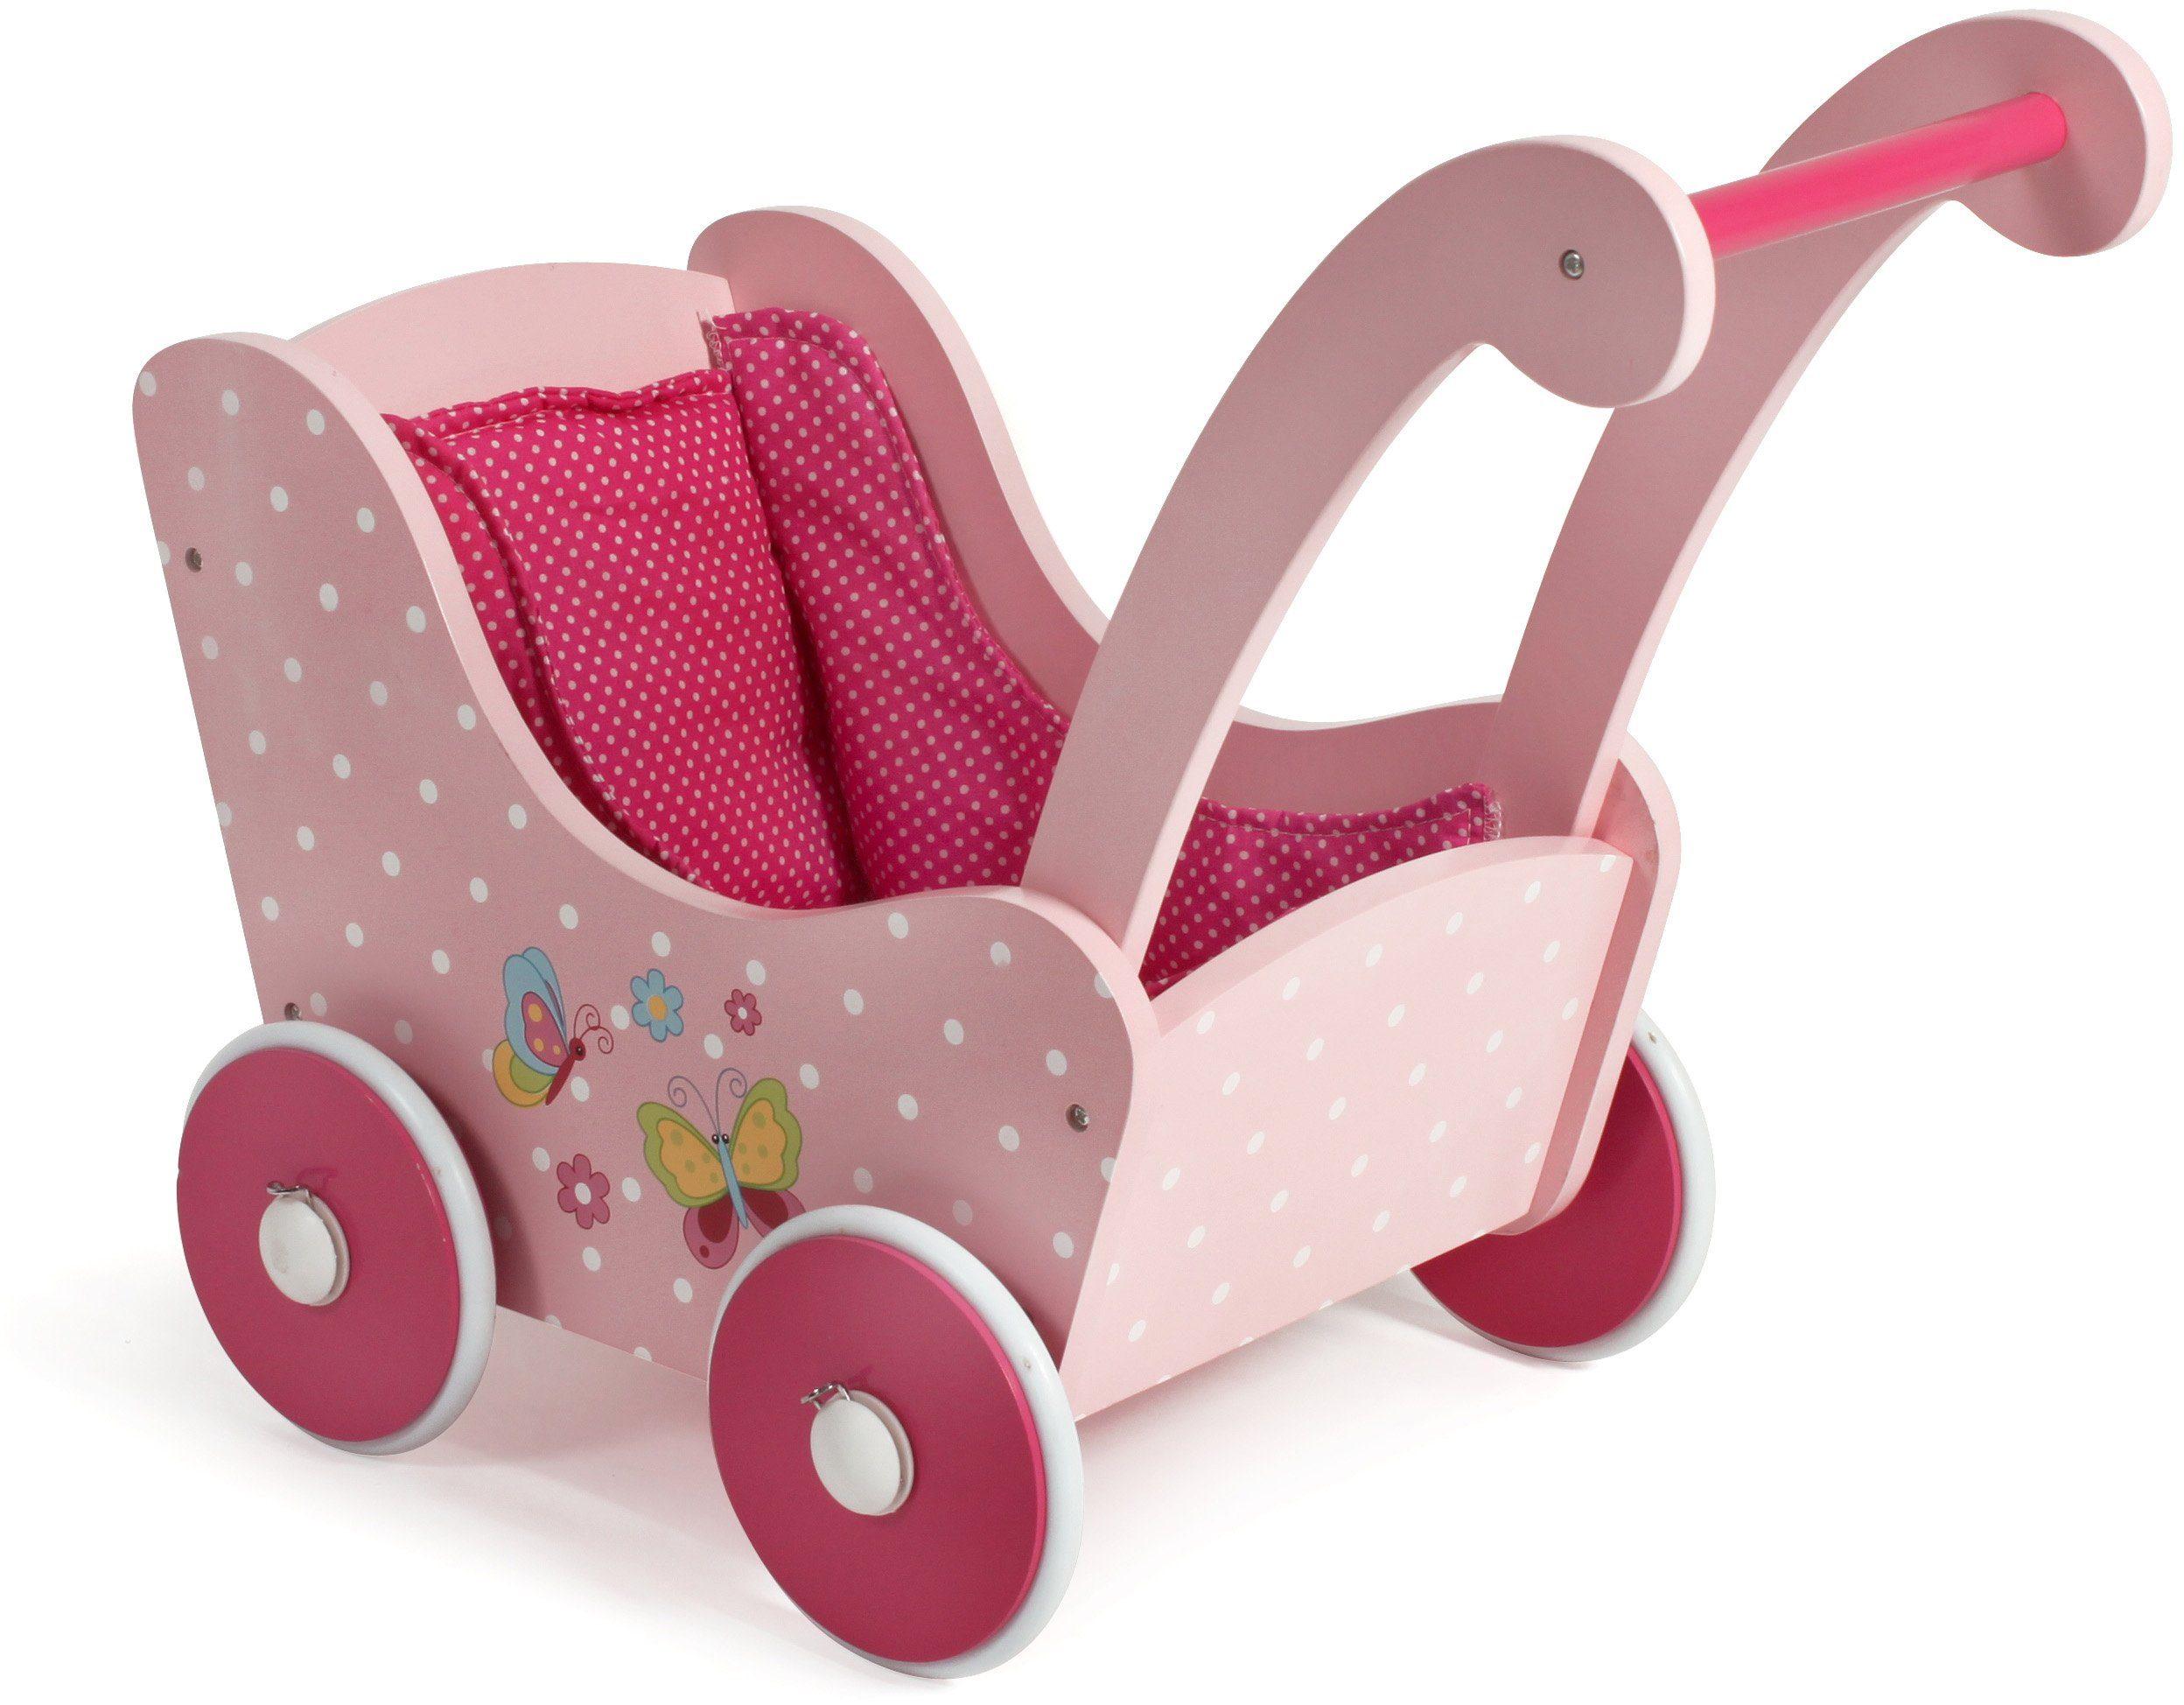 CHIC2000 Puppenwagen aus Holz, »Papilio pink«